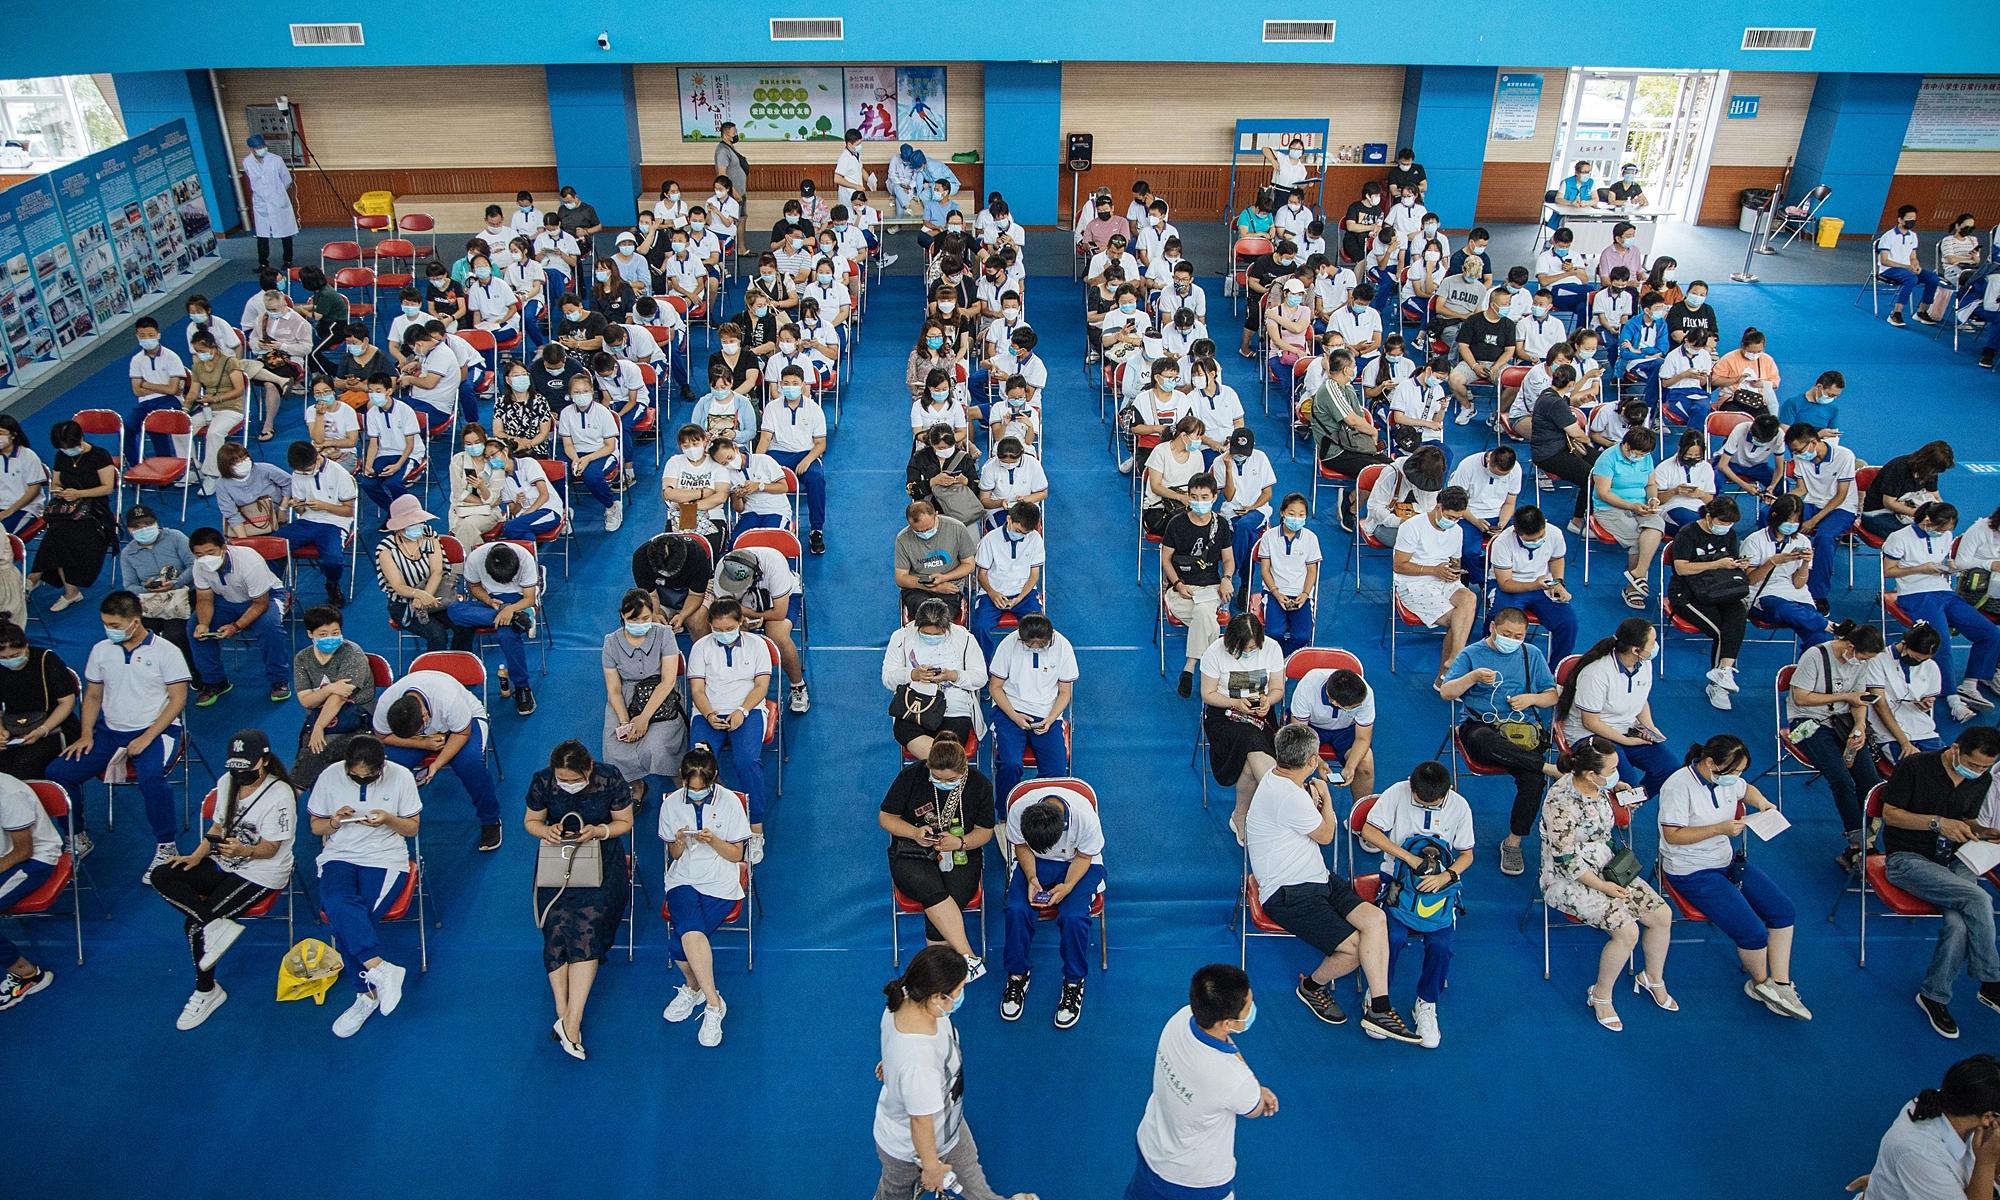 Phụ hunh và học sinh tại một trường trung học cơ sở ở Bắc Kinh chờ lượt tiêm chủng Covid-19 vào tháng 7. Ảnh: Global Times.